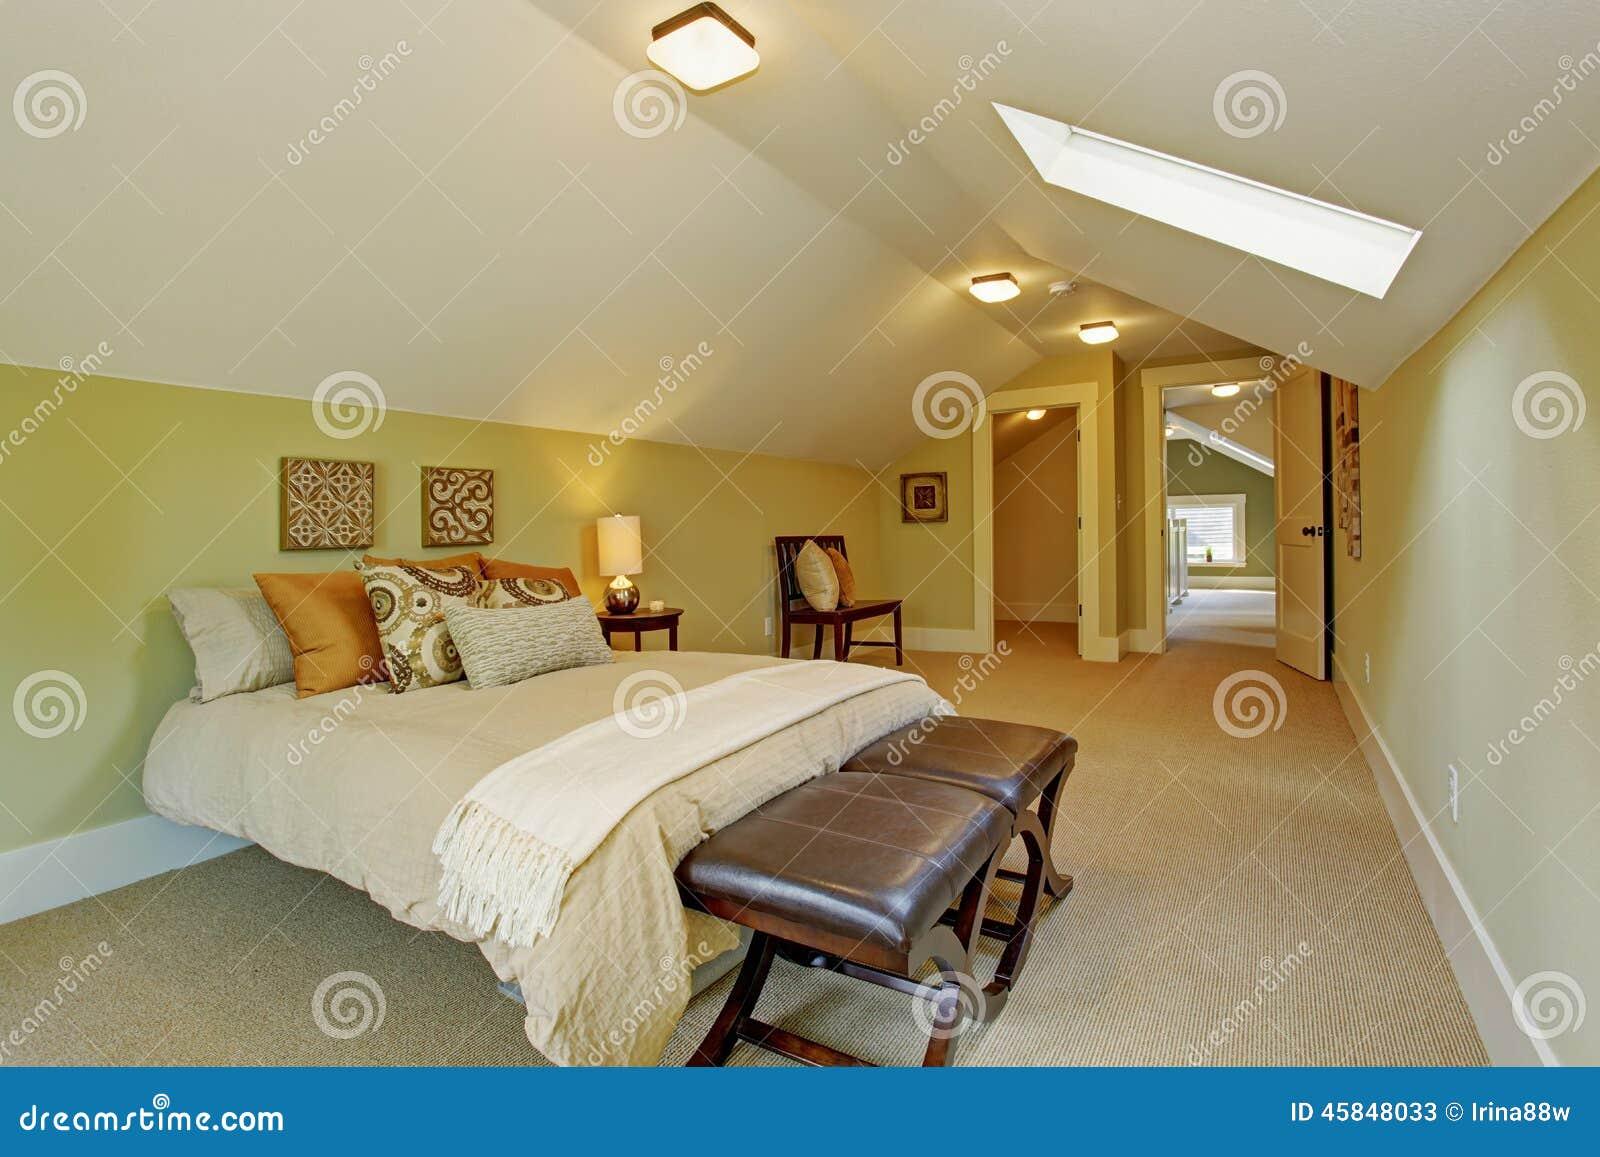 camera da letto principale spaziosa con il soffitto arcato